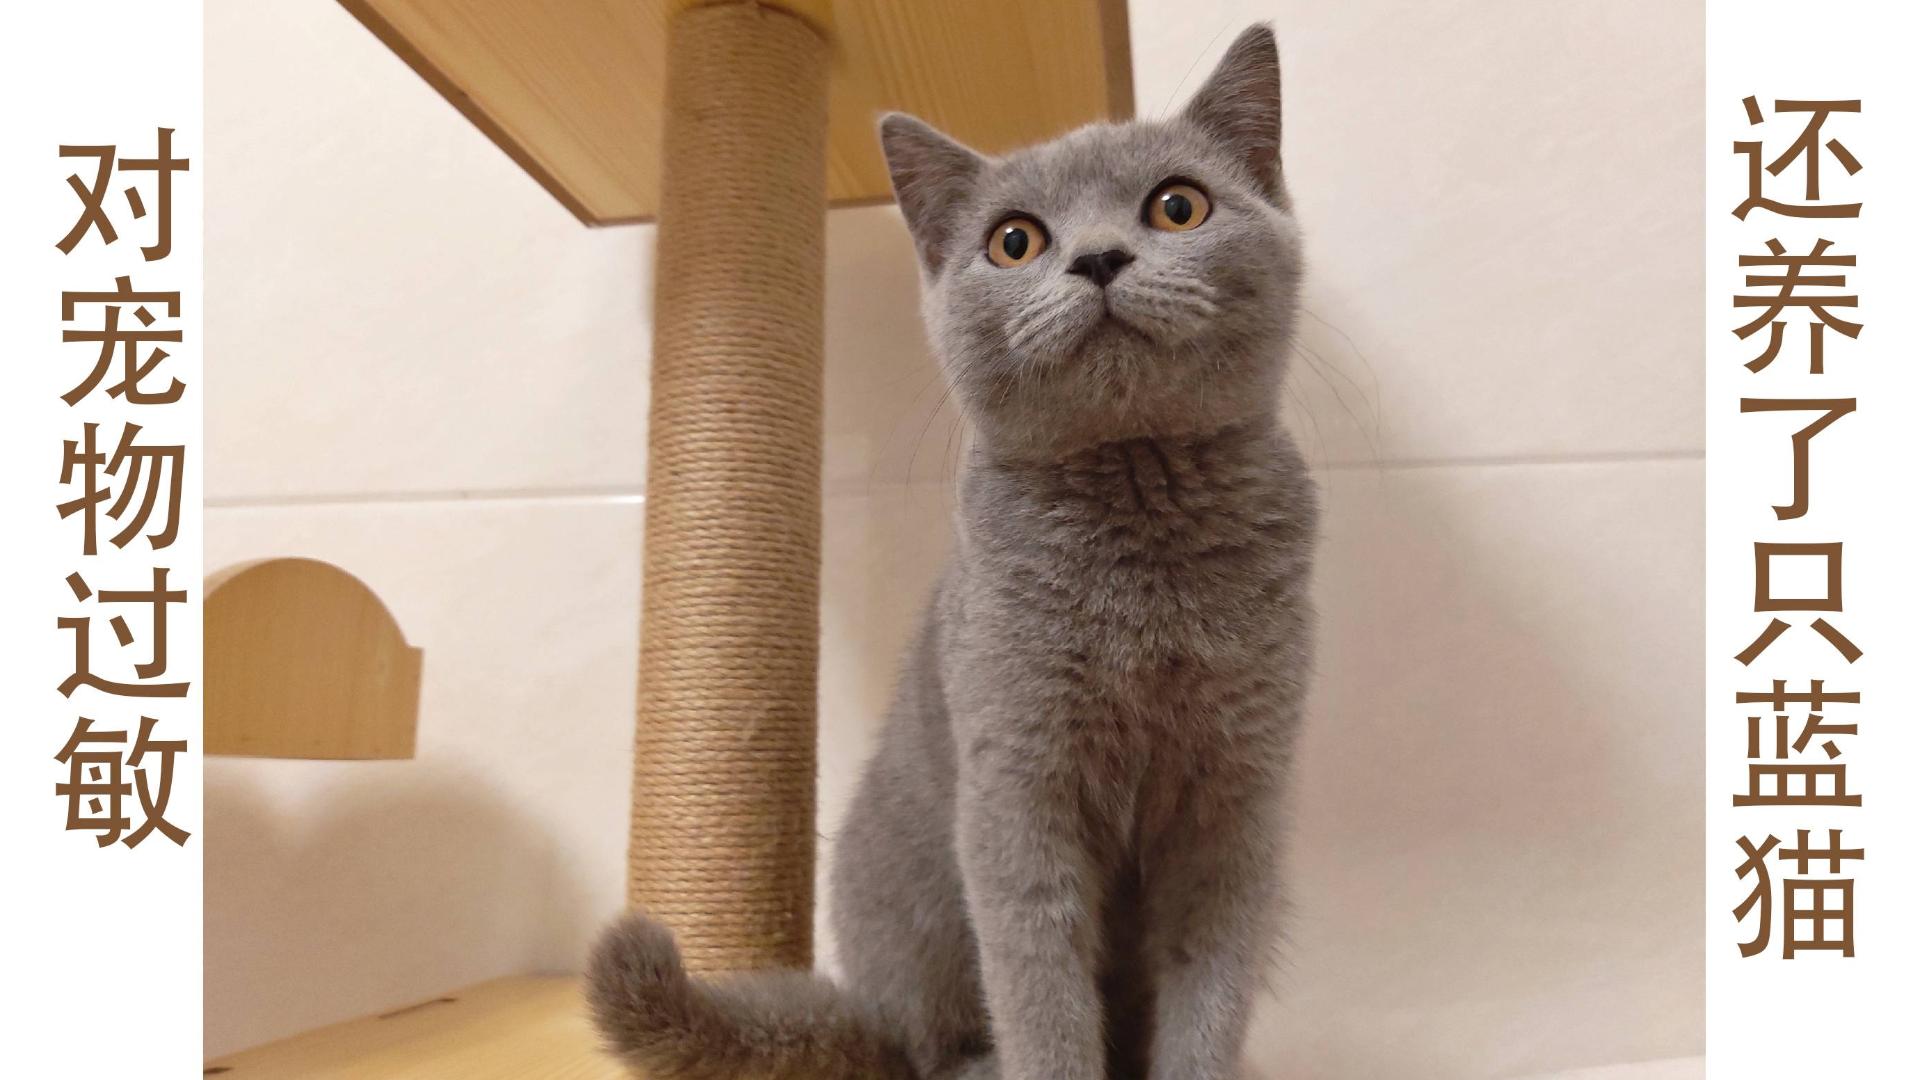 【欢迎新成员】对宠物过敏的我竟然养了一只蓝猫?